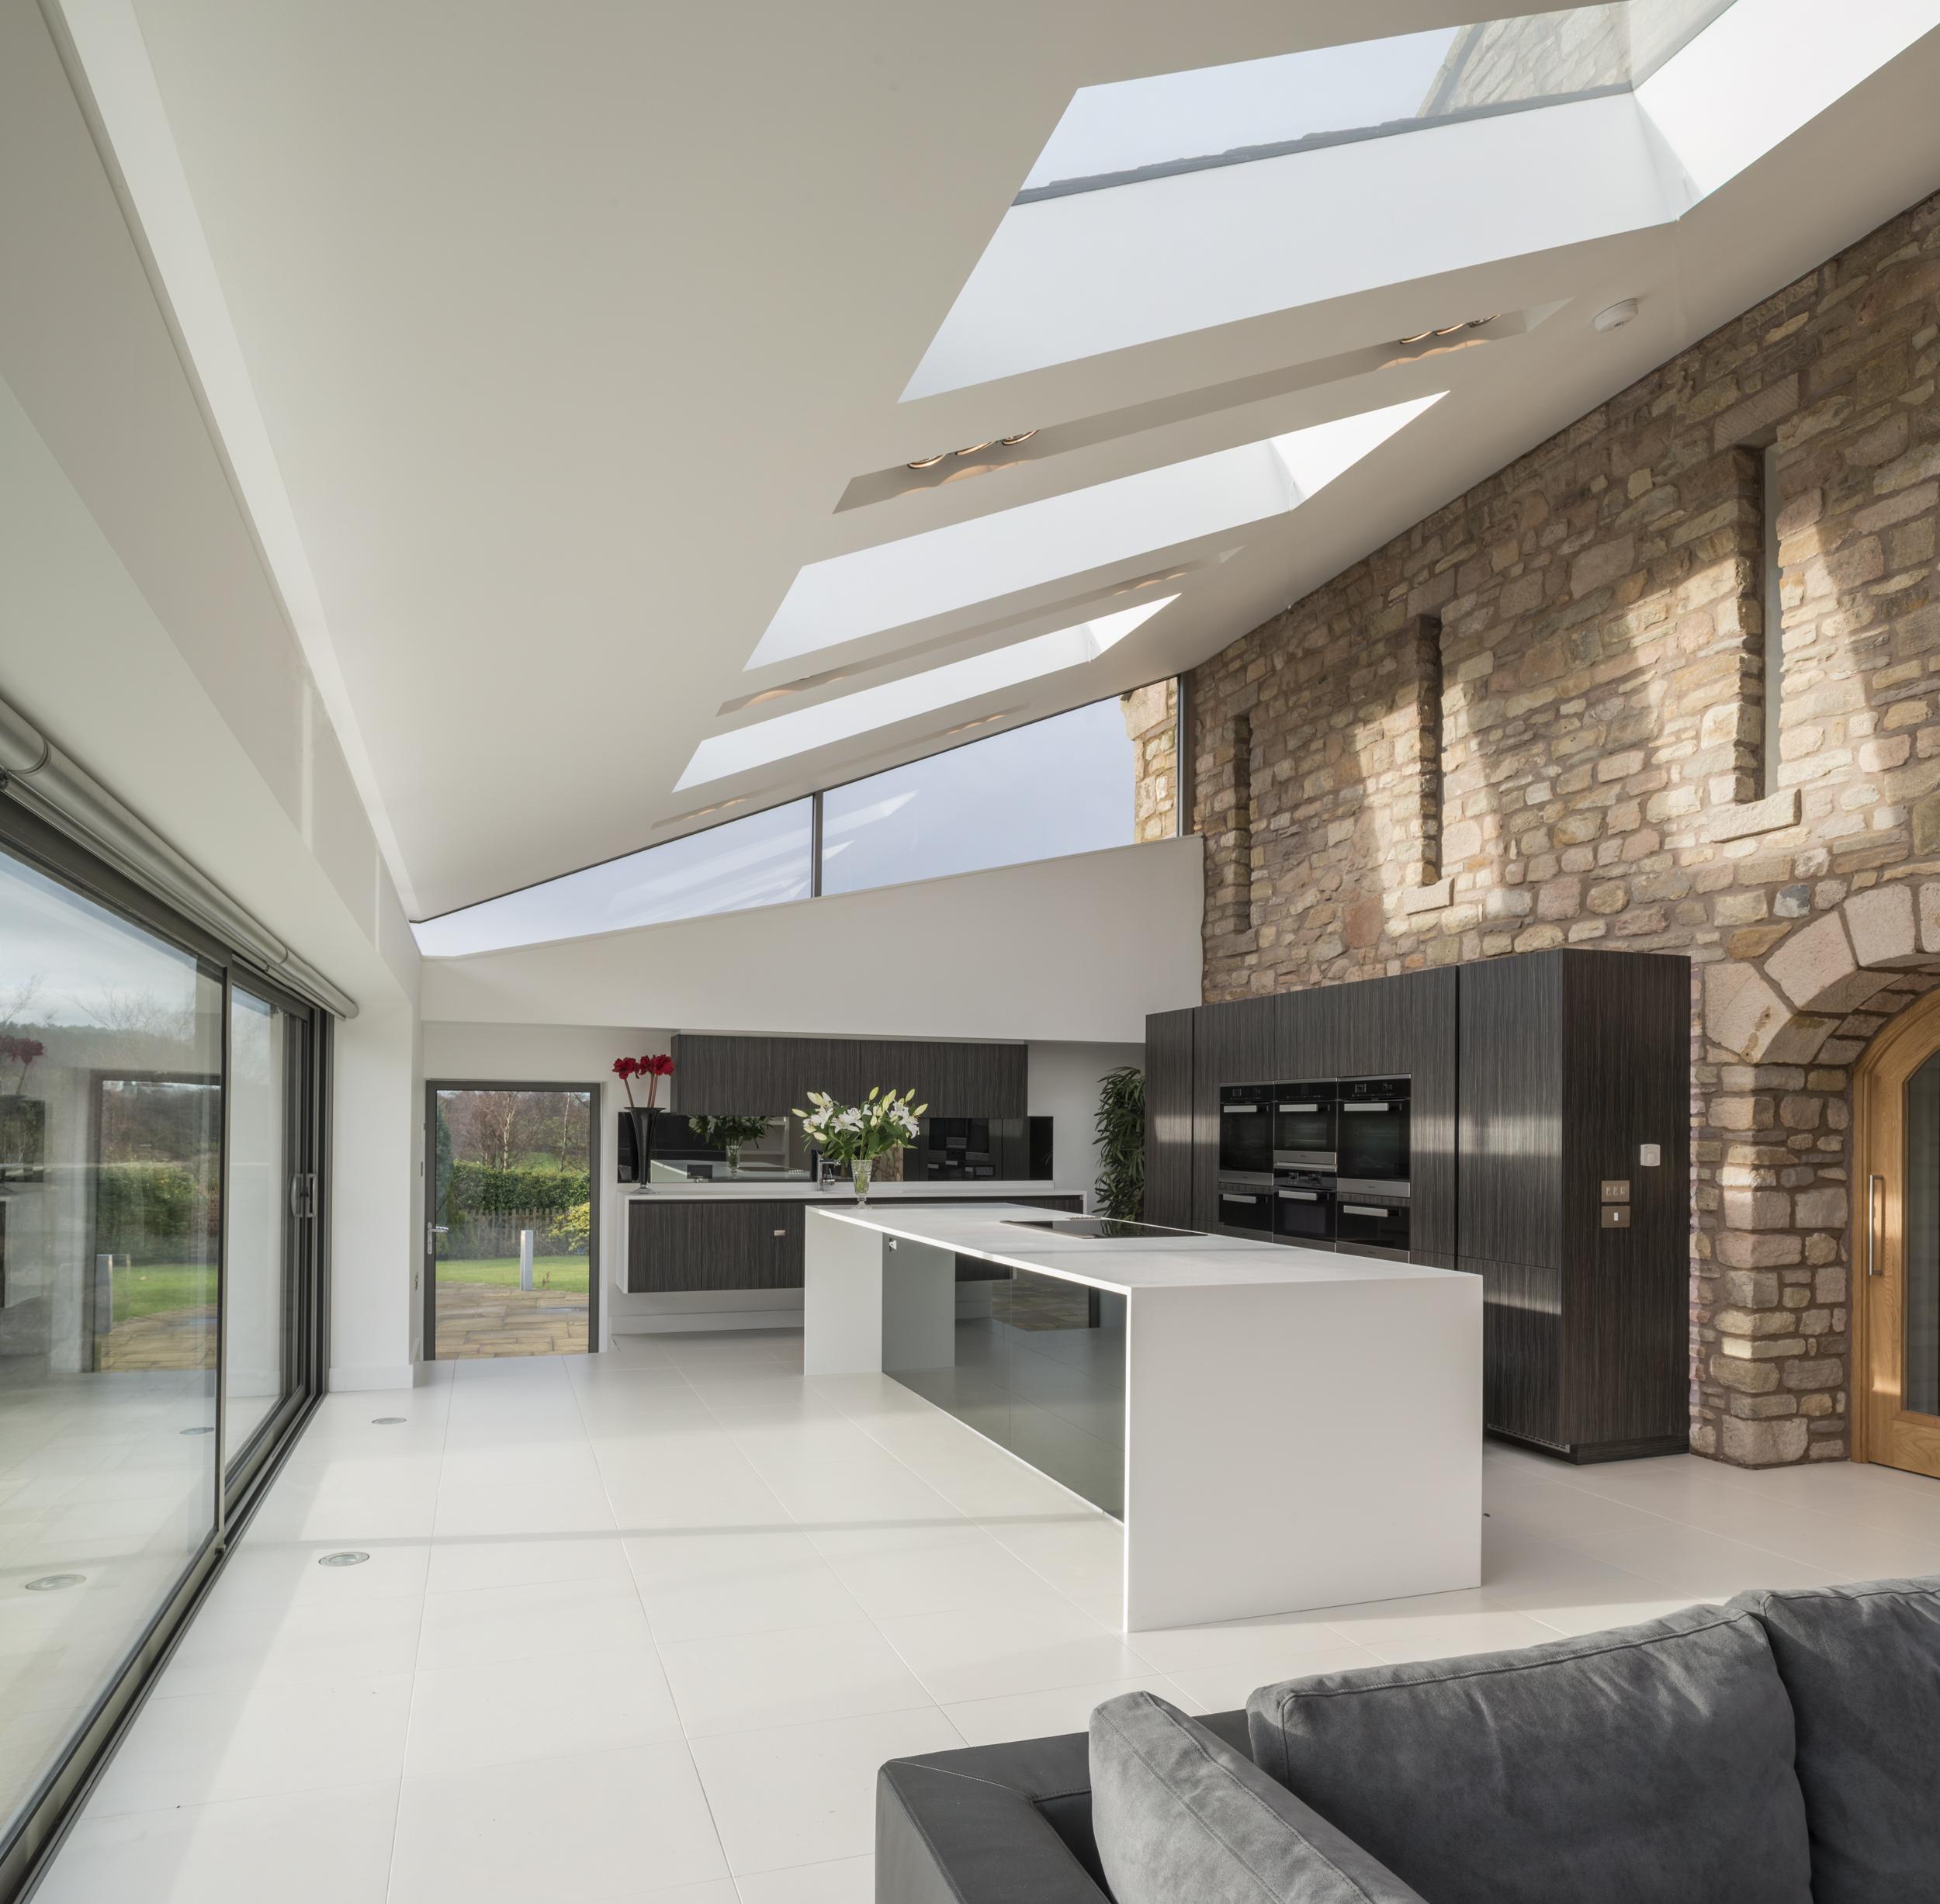 Stanton Andrews architects